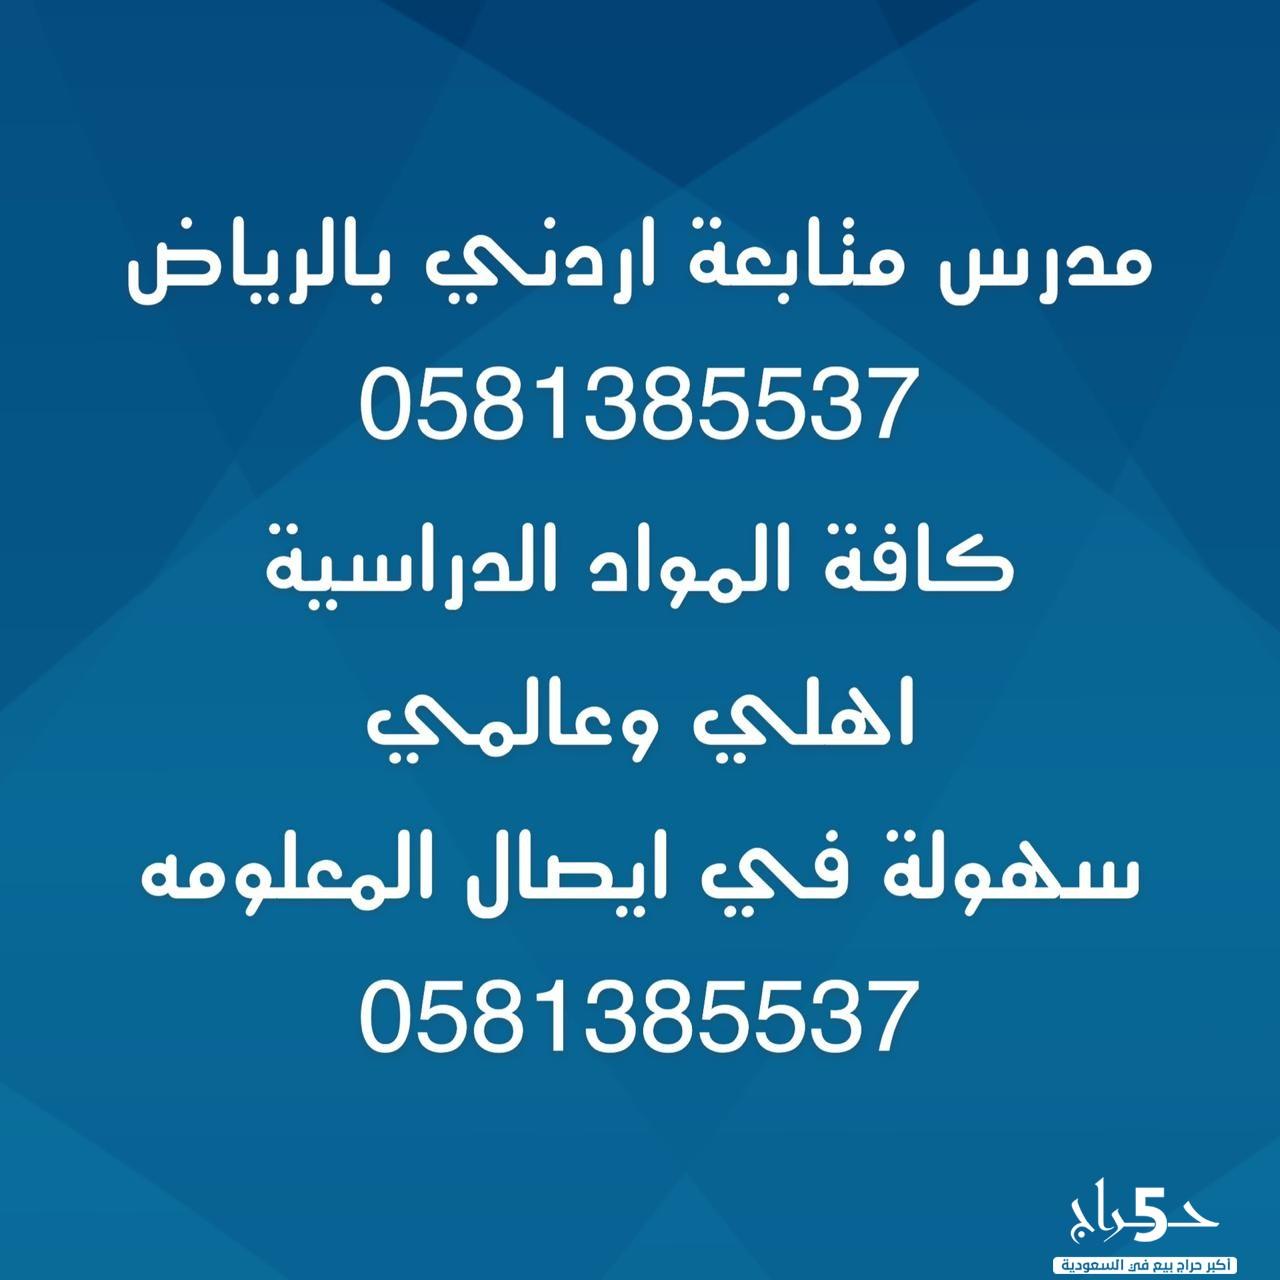 معلم خصوصي انترناشونال بالرياض 0581385537